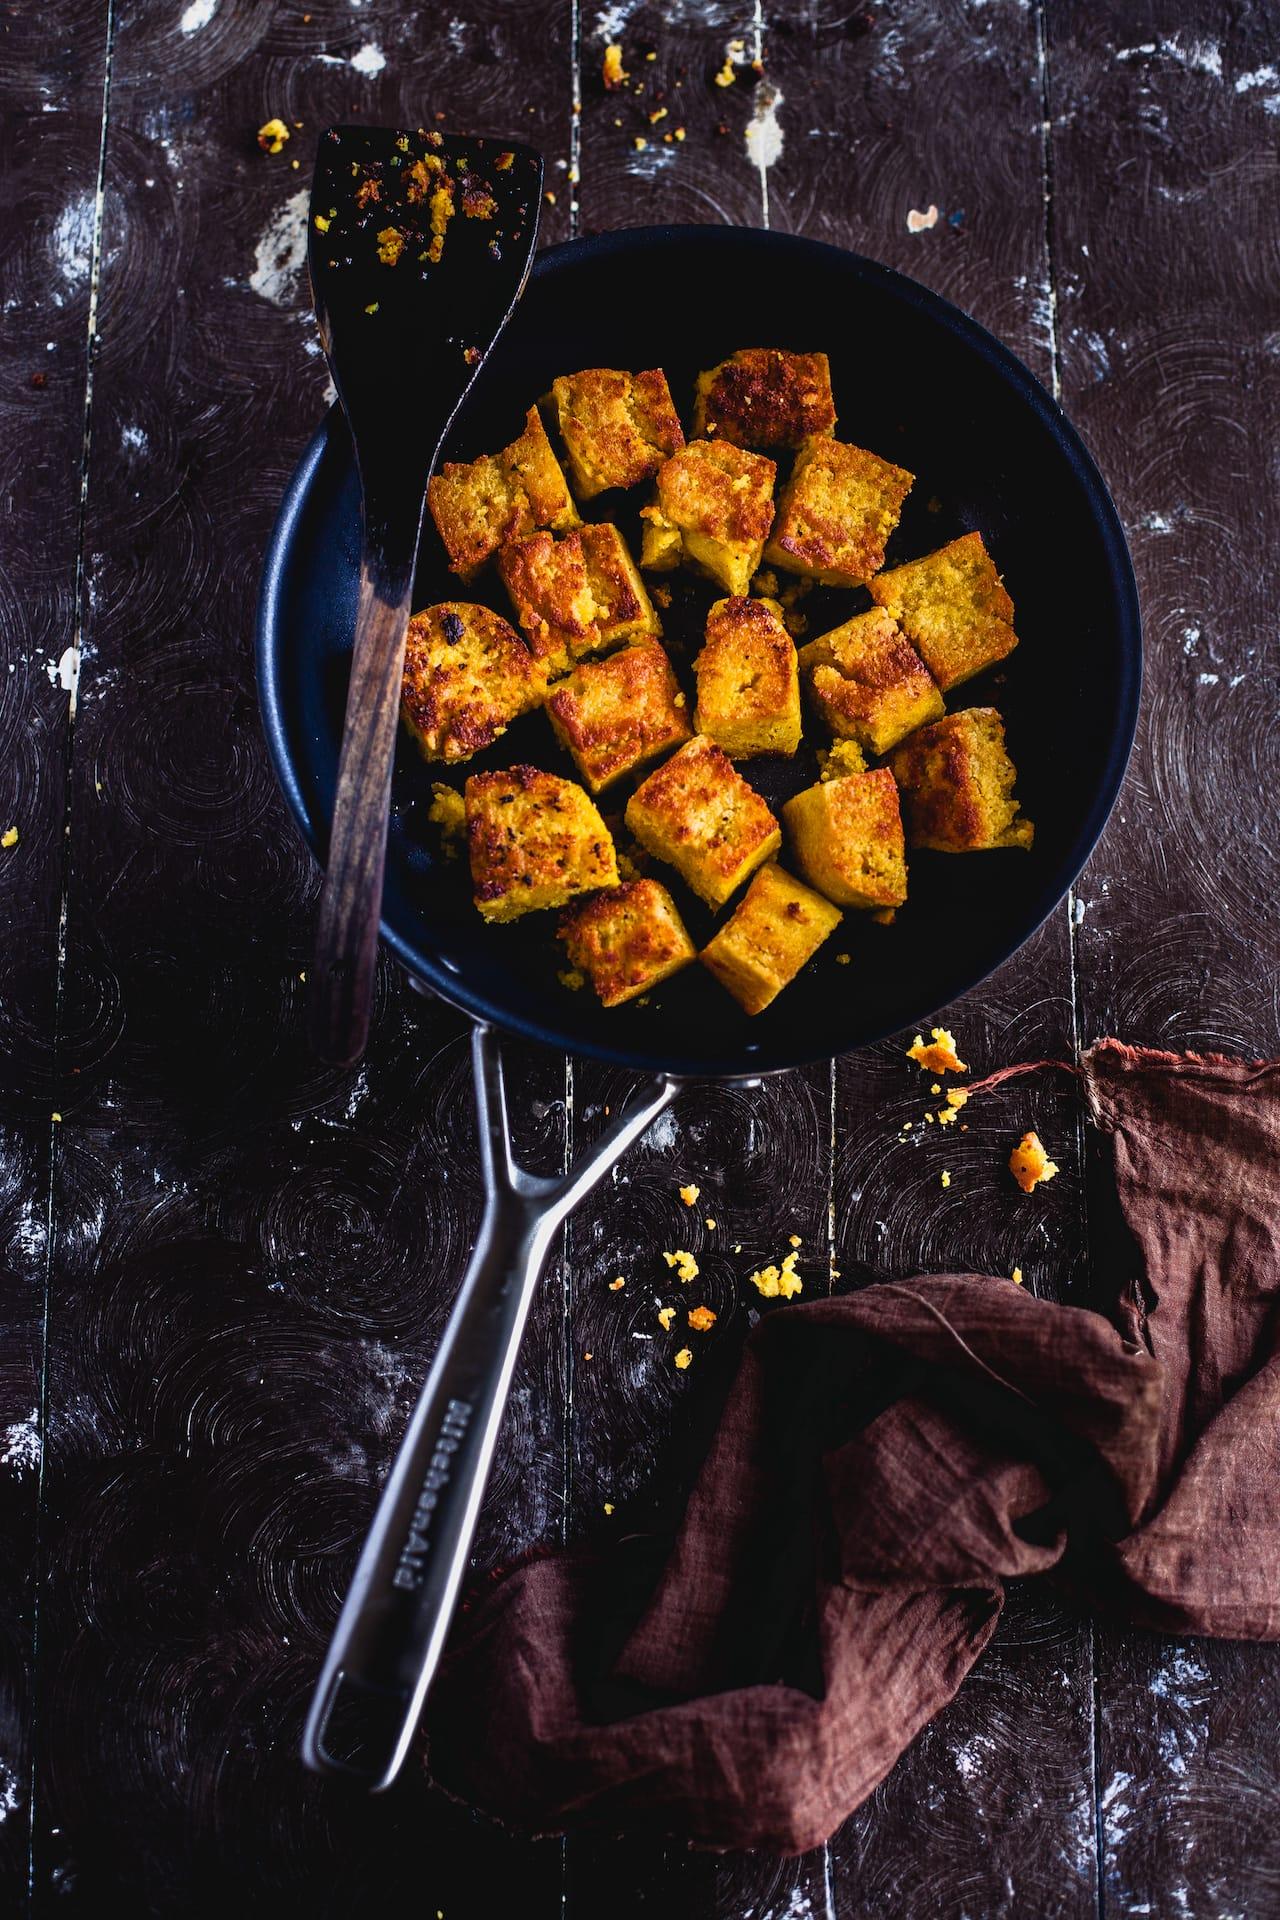 Besan Ki Sabzi (Chickpea Cake Stir Fry)   Playful Cooking